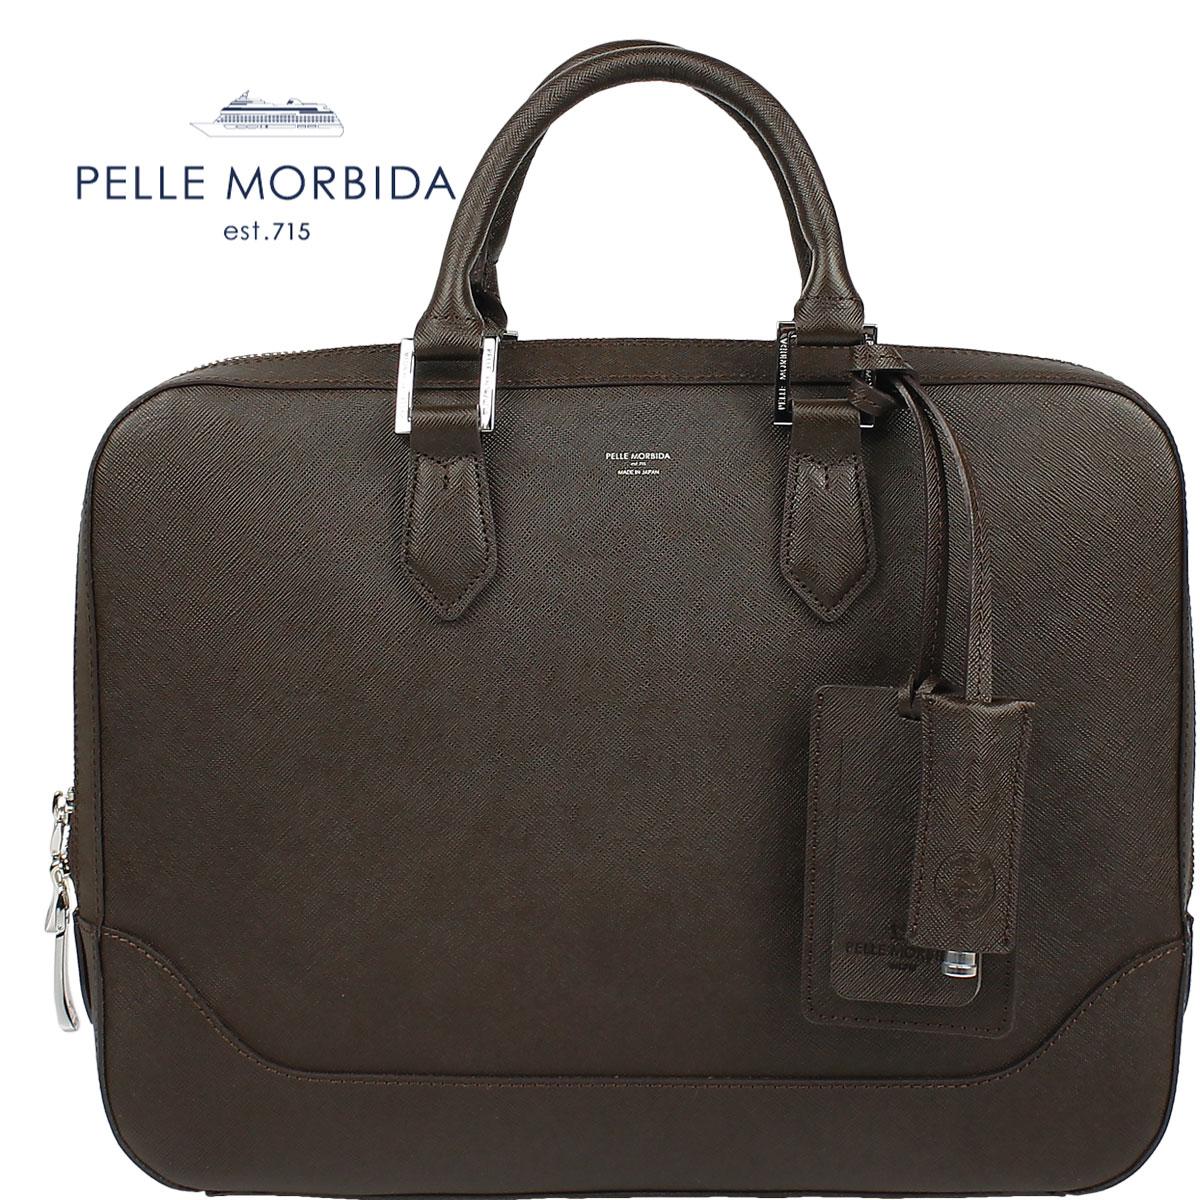 ペッレモルビダ PELLE MORBIDA BRIEF BAG 1ROOM ブリーフバッグ PMO-CA010 (ダークブラウン)